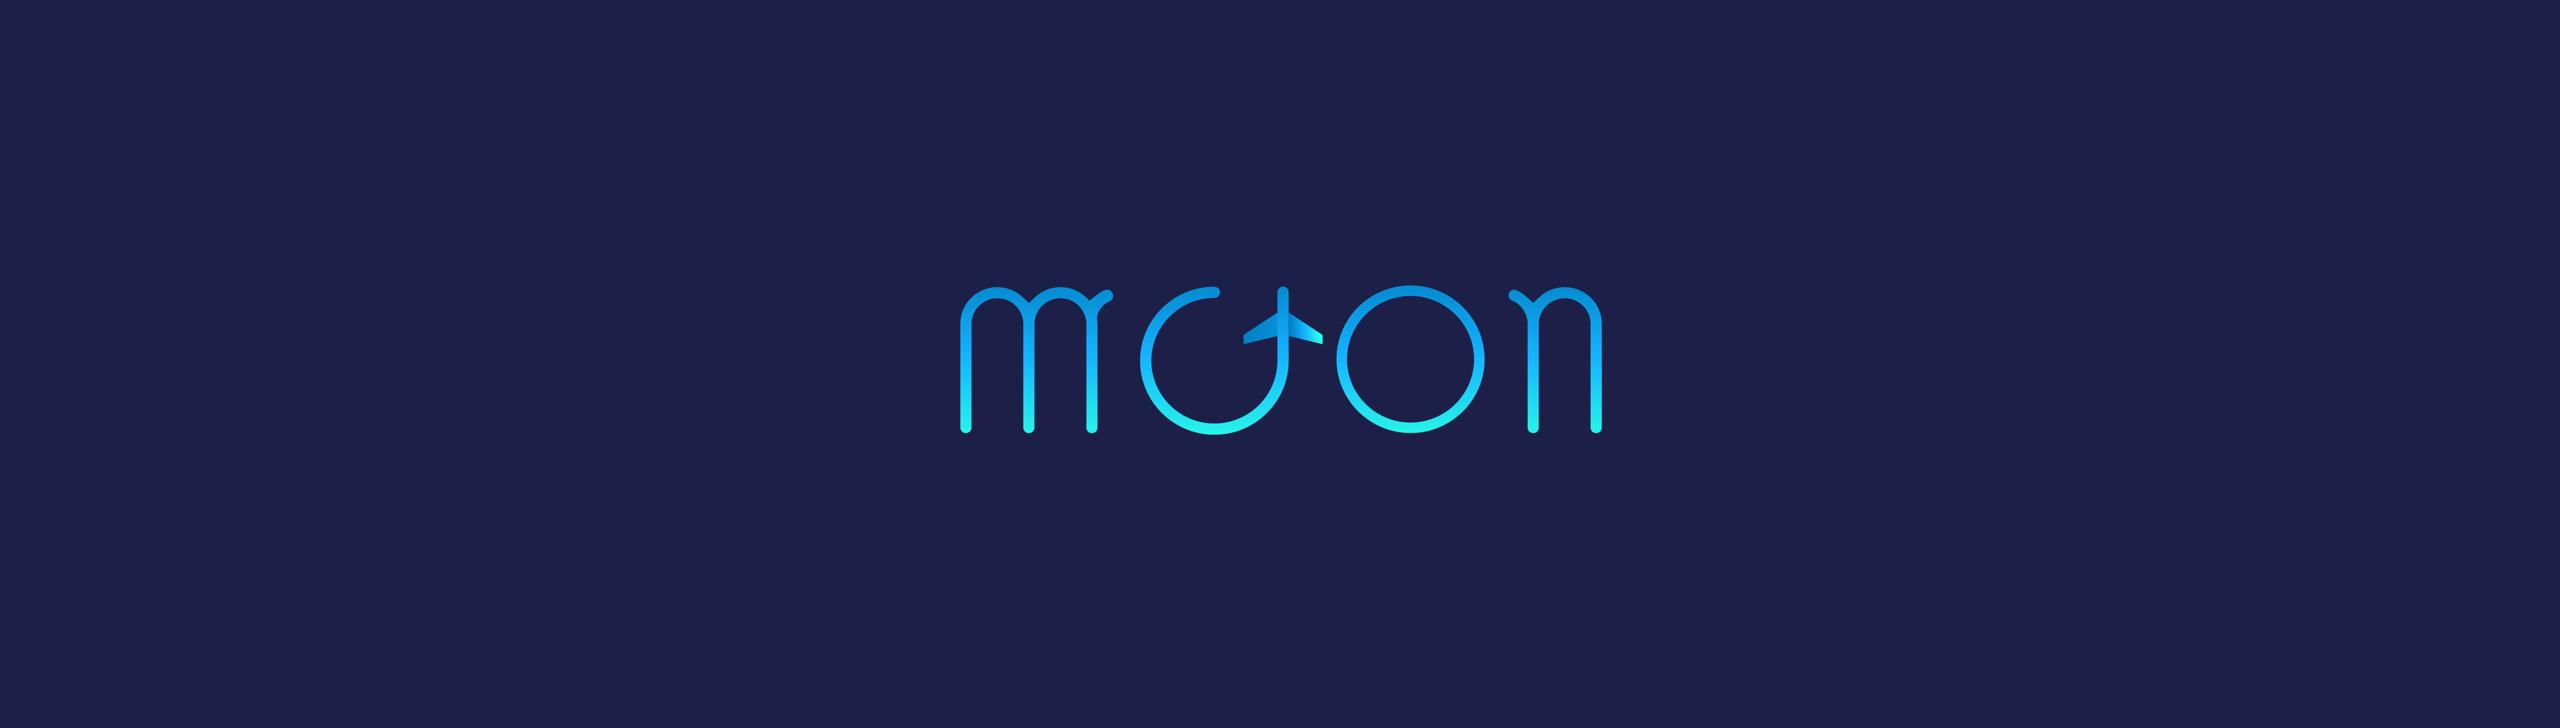 Moon-app-inicio-2